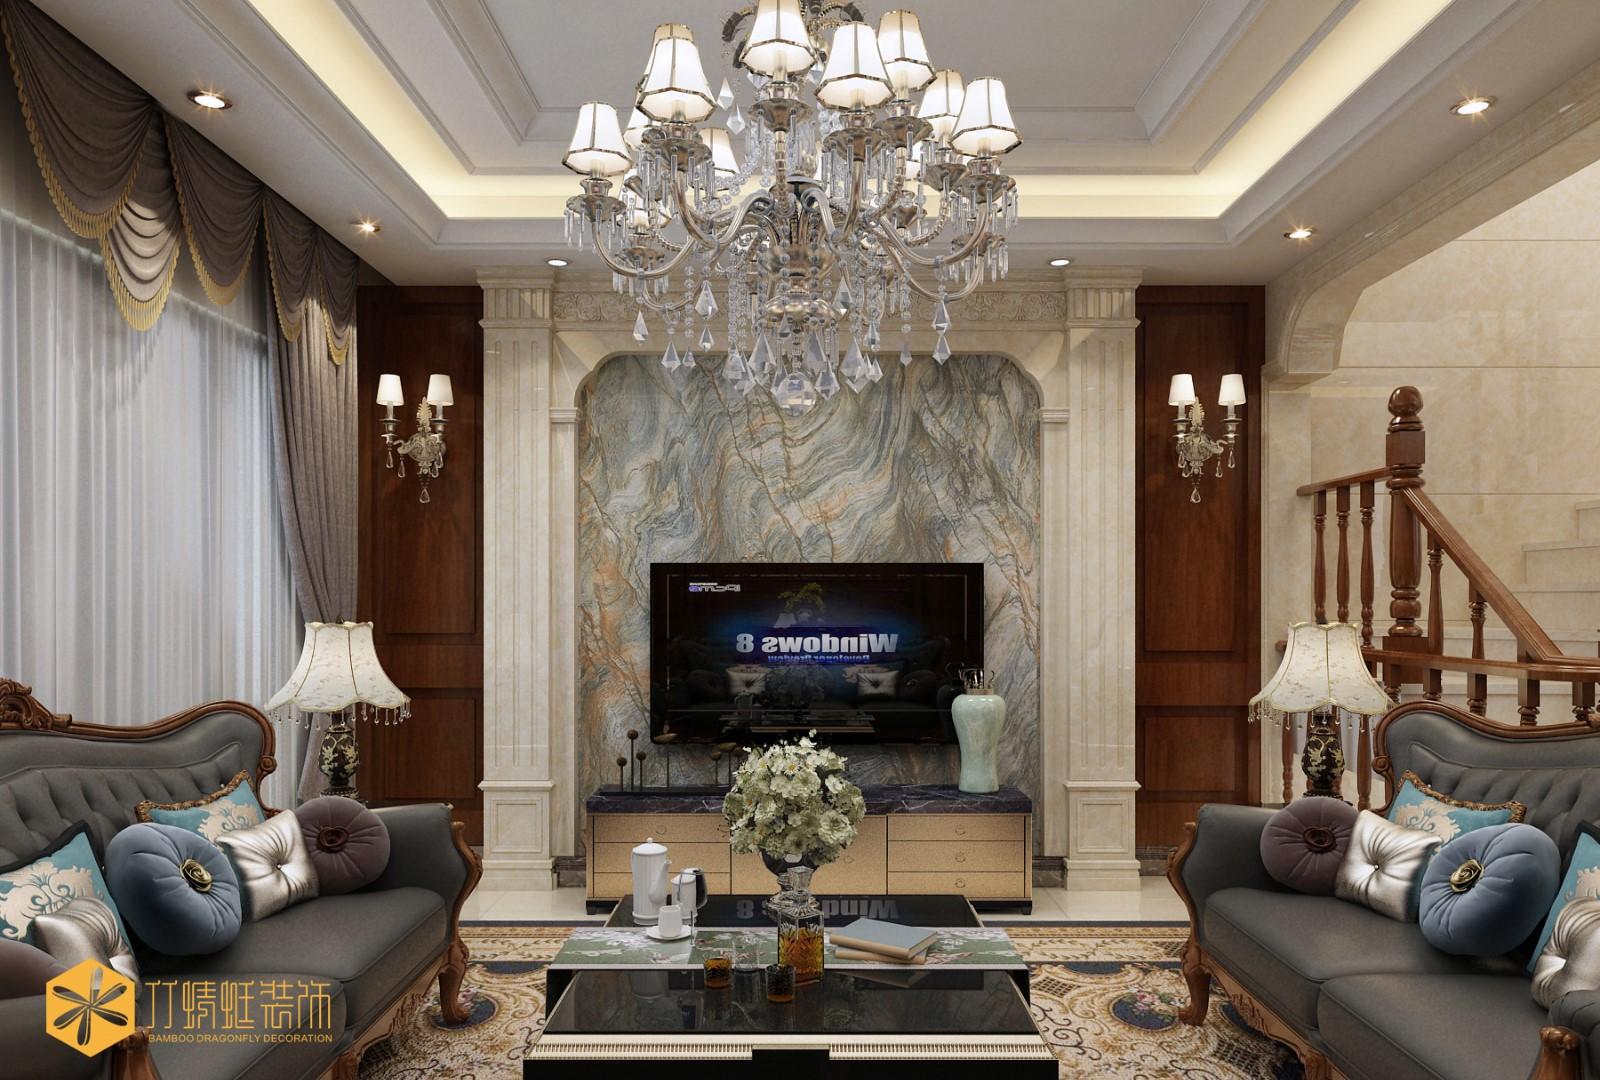 欧式风格别墅电视背景墙装修效果图